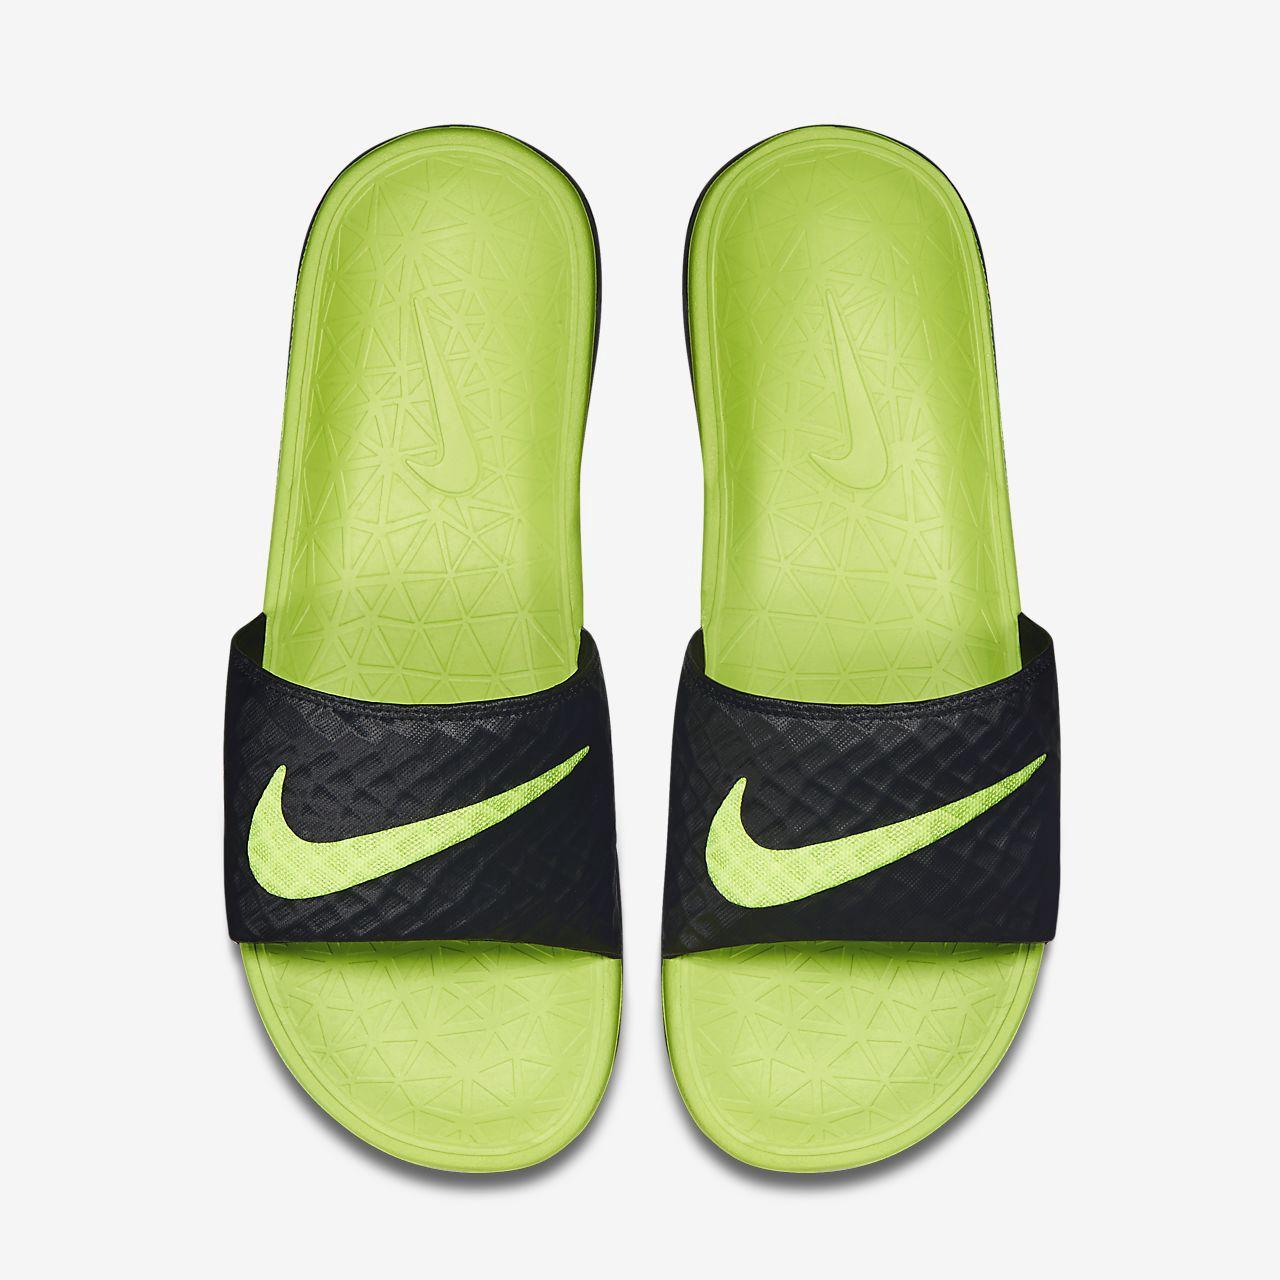 9ee31afab69c Nike Benassi Solarsoft 2 Men s Slide - 11